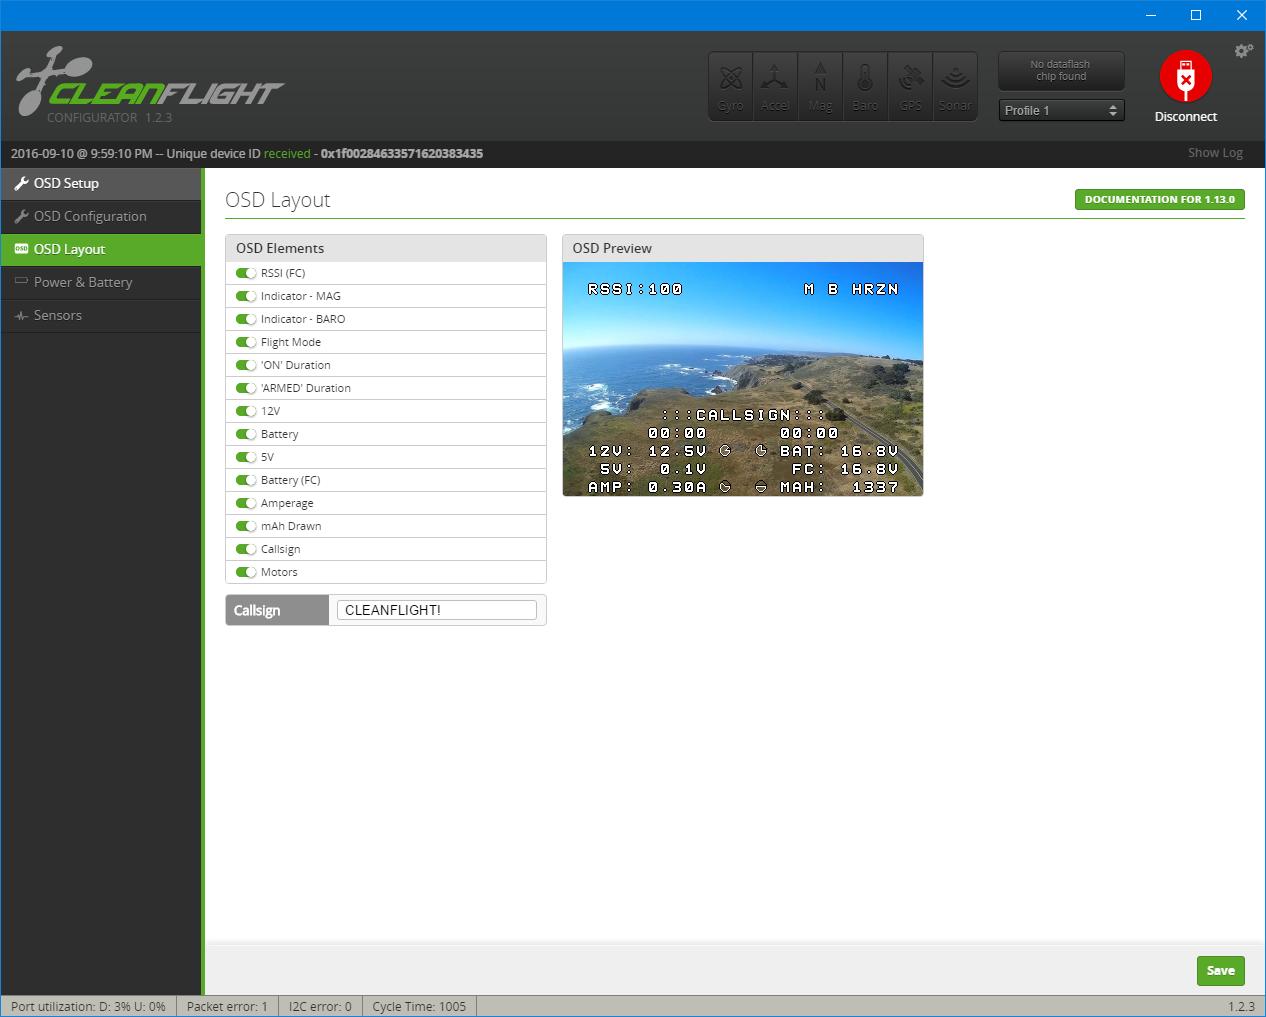 Cleanflight OSD Configurator